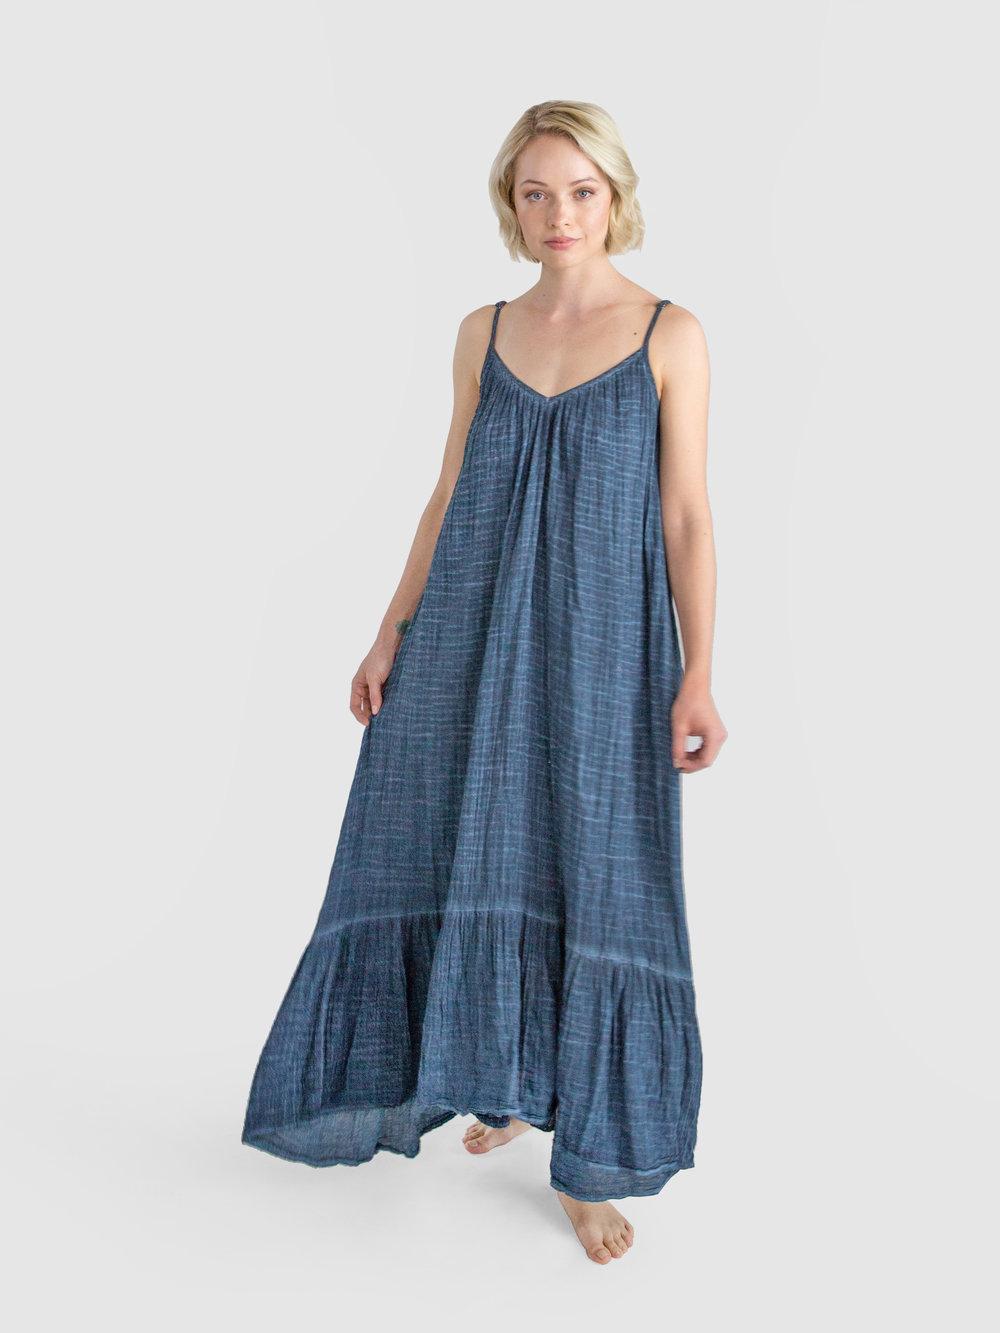 Marigot Dress